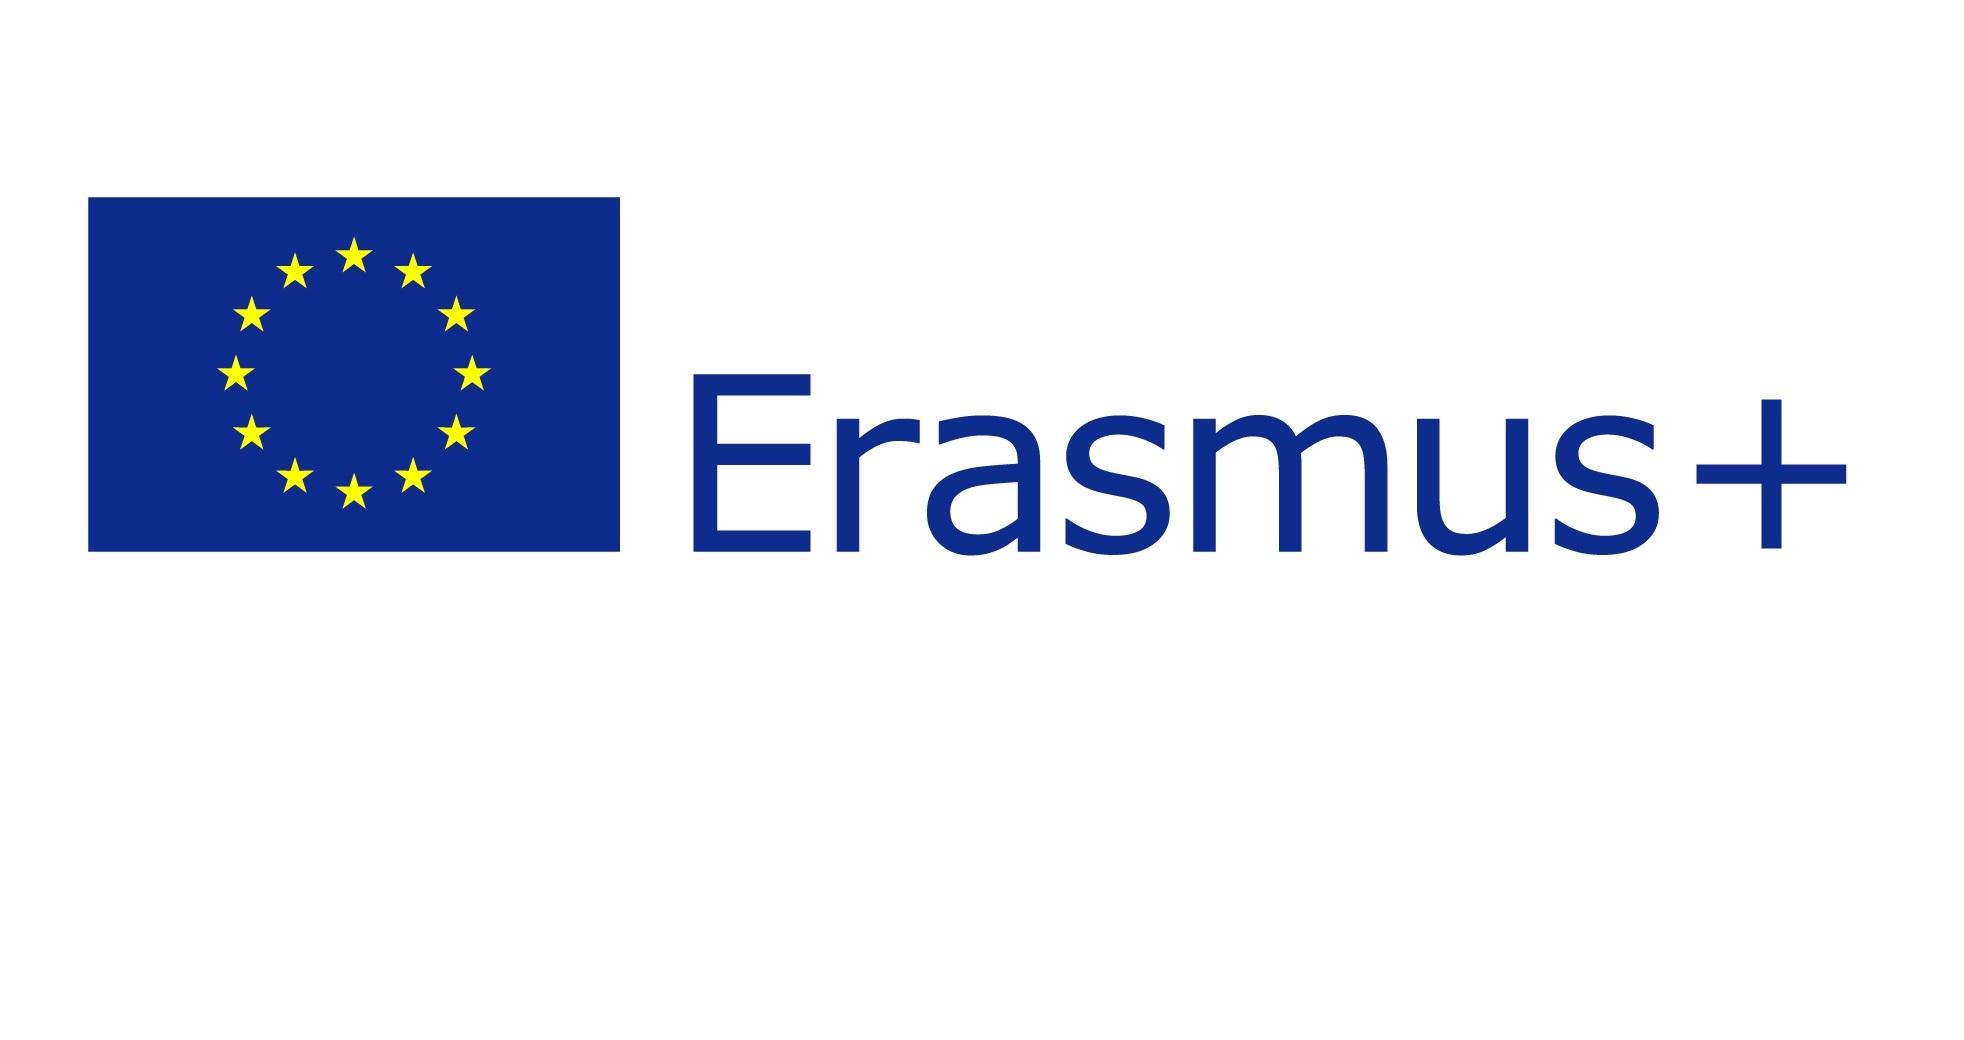 Zapraszamy do zapoznania się z najczęściej zadawanymi pytaniami i odpowiedziami dotyczącymi działań podejmowanych w ramach programu Erasmus+ podczas pandemii COVID-19